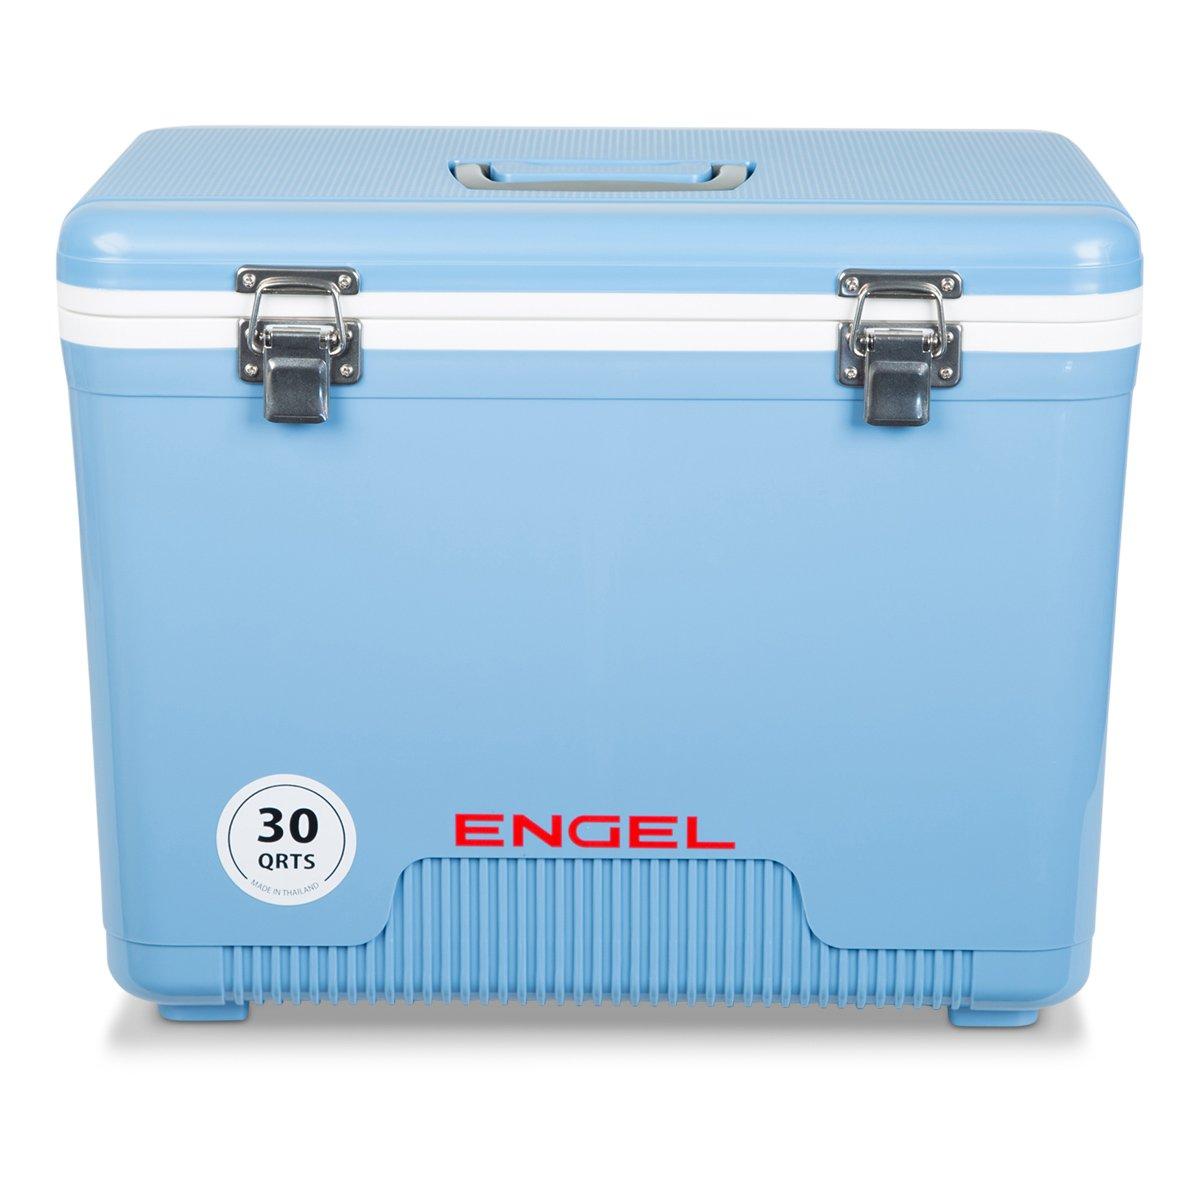 Engel Cooler/Dry Box 30 Qt - Blue